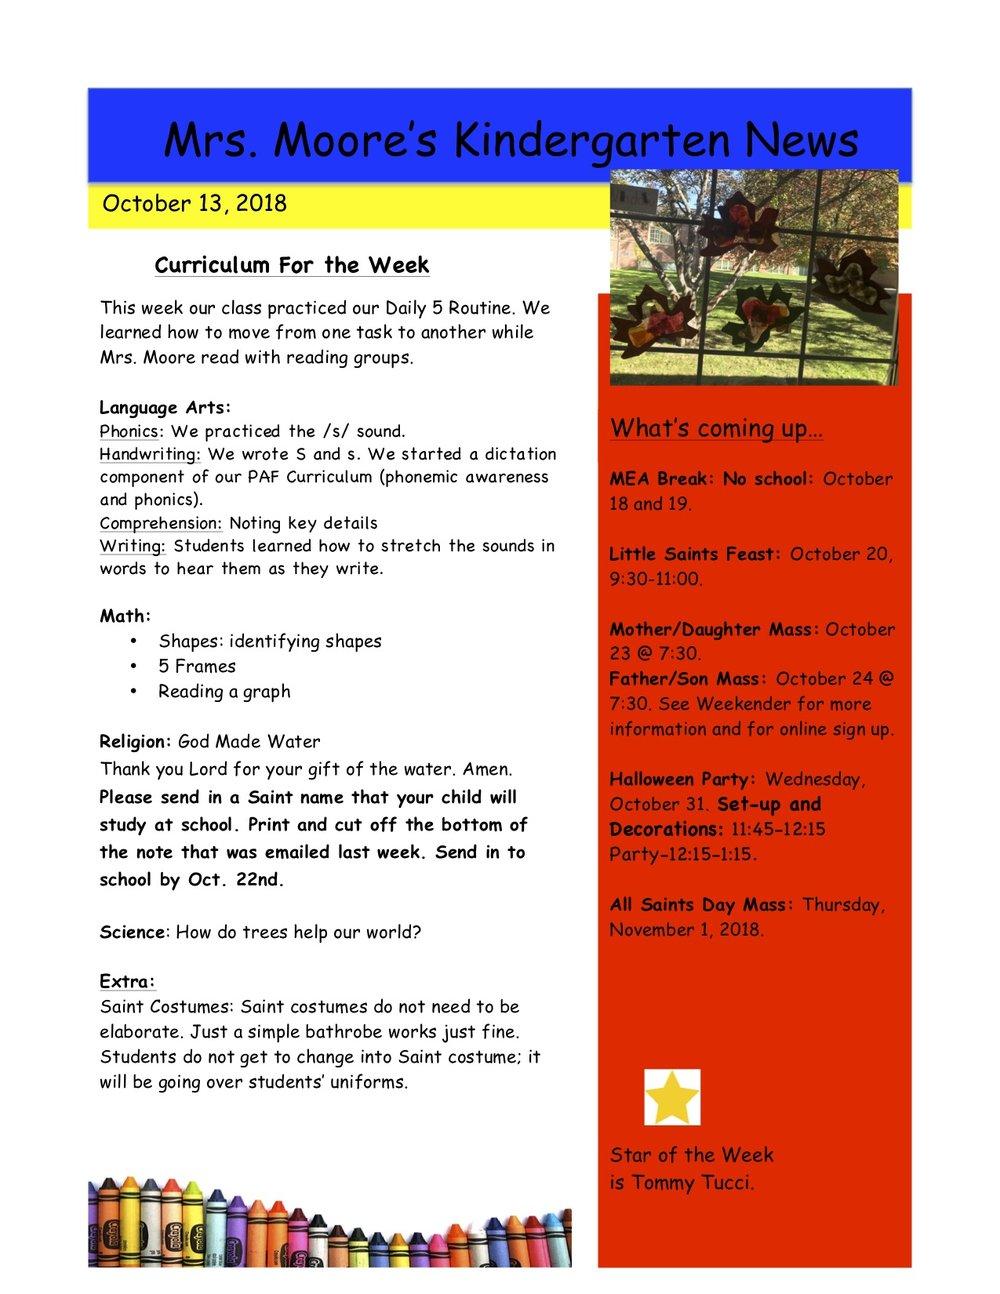 MooreNewsletter 10-15-18.jpg